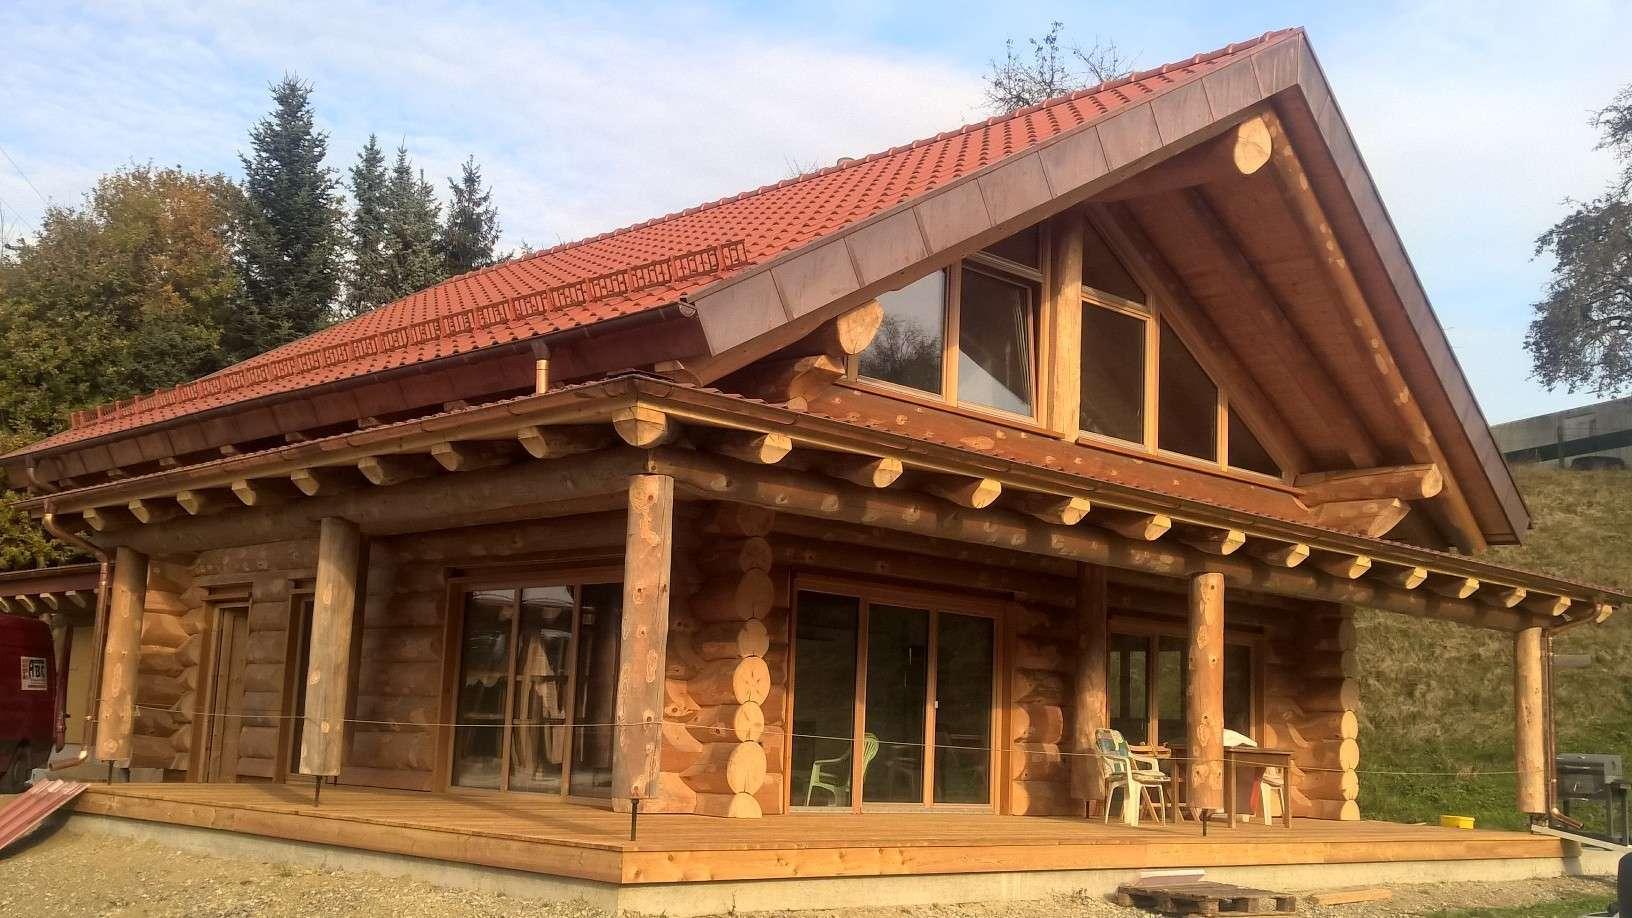 Egner Blockhaus - Lebensphilosopie in Holz - Egner Blockhaus